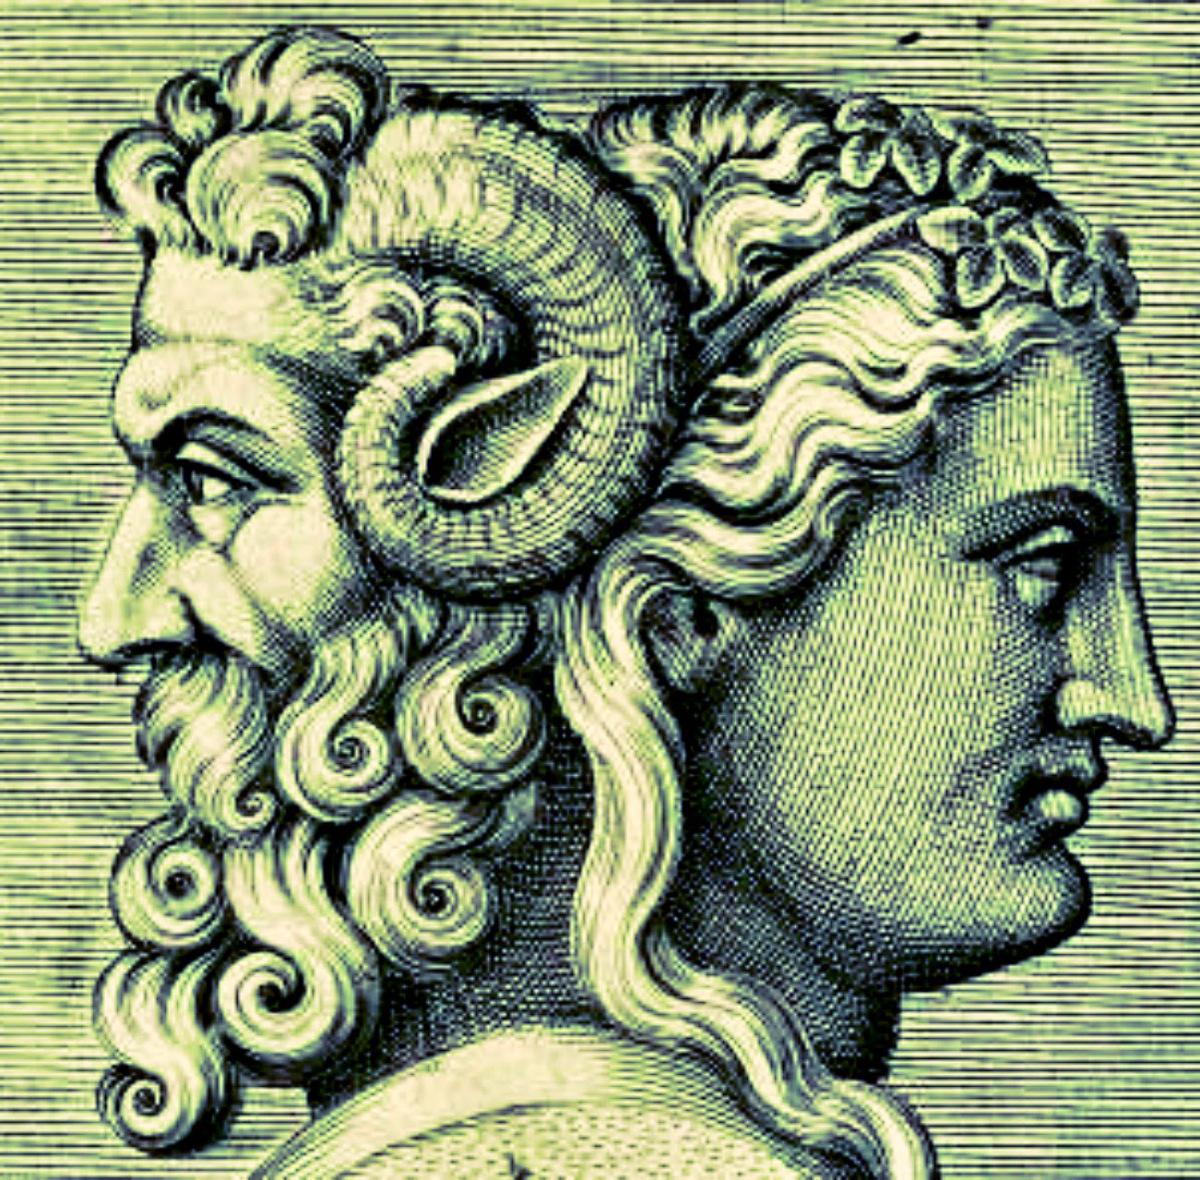 Il Dio Giano